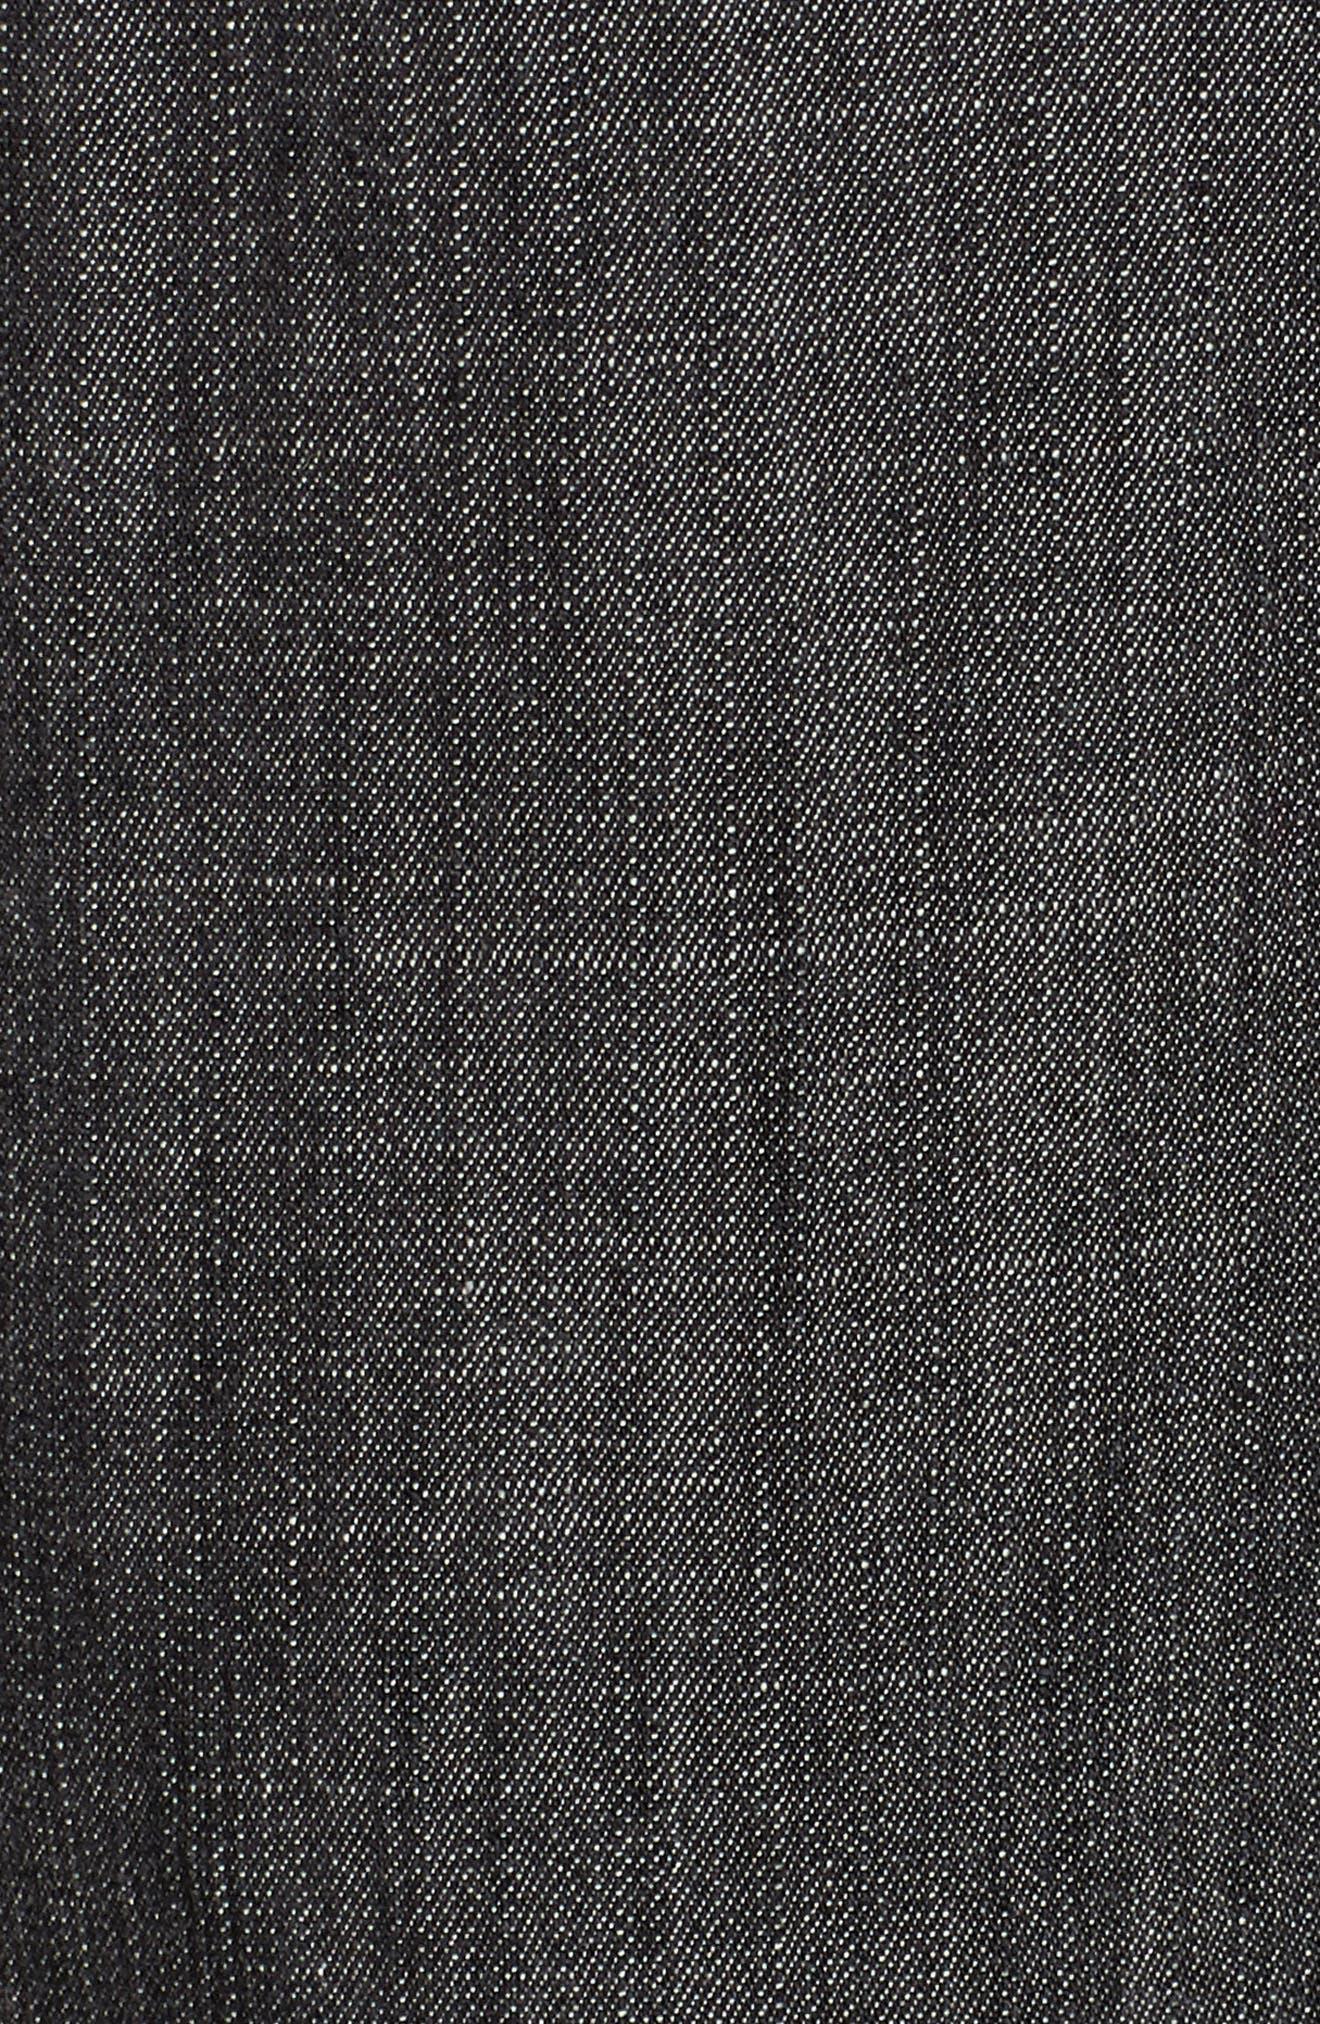 Drawstring Waist Chambray Pants,                             Alternate thumbnail 6, color,                             Black